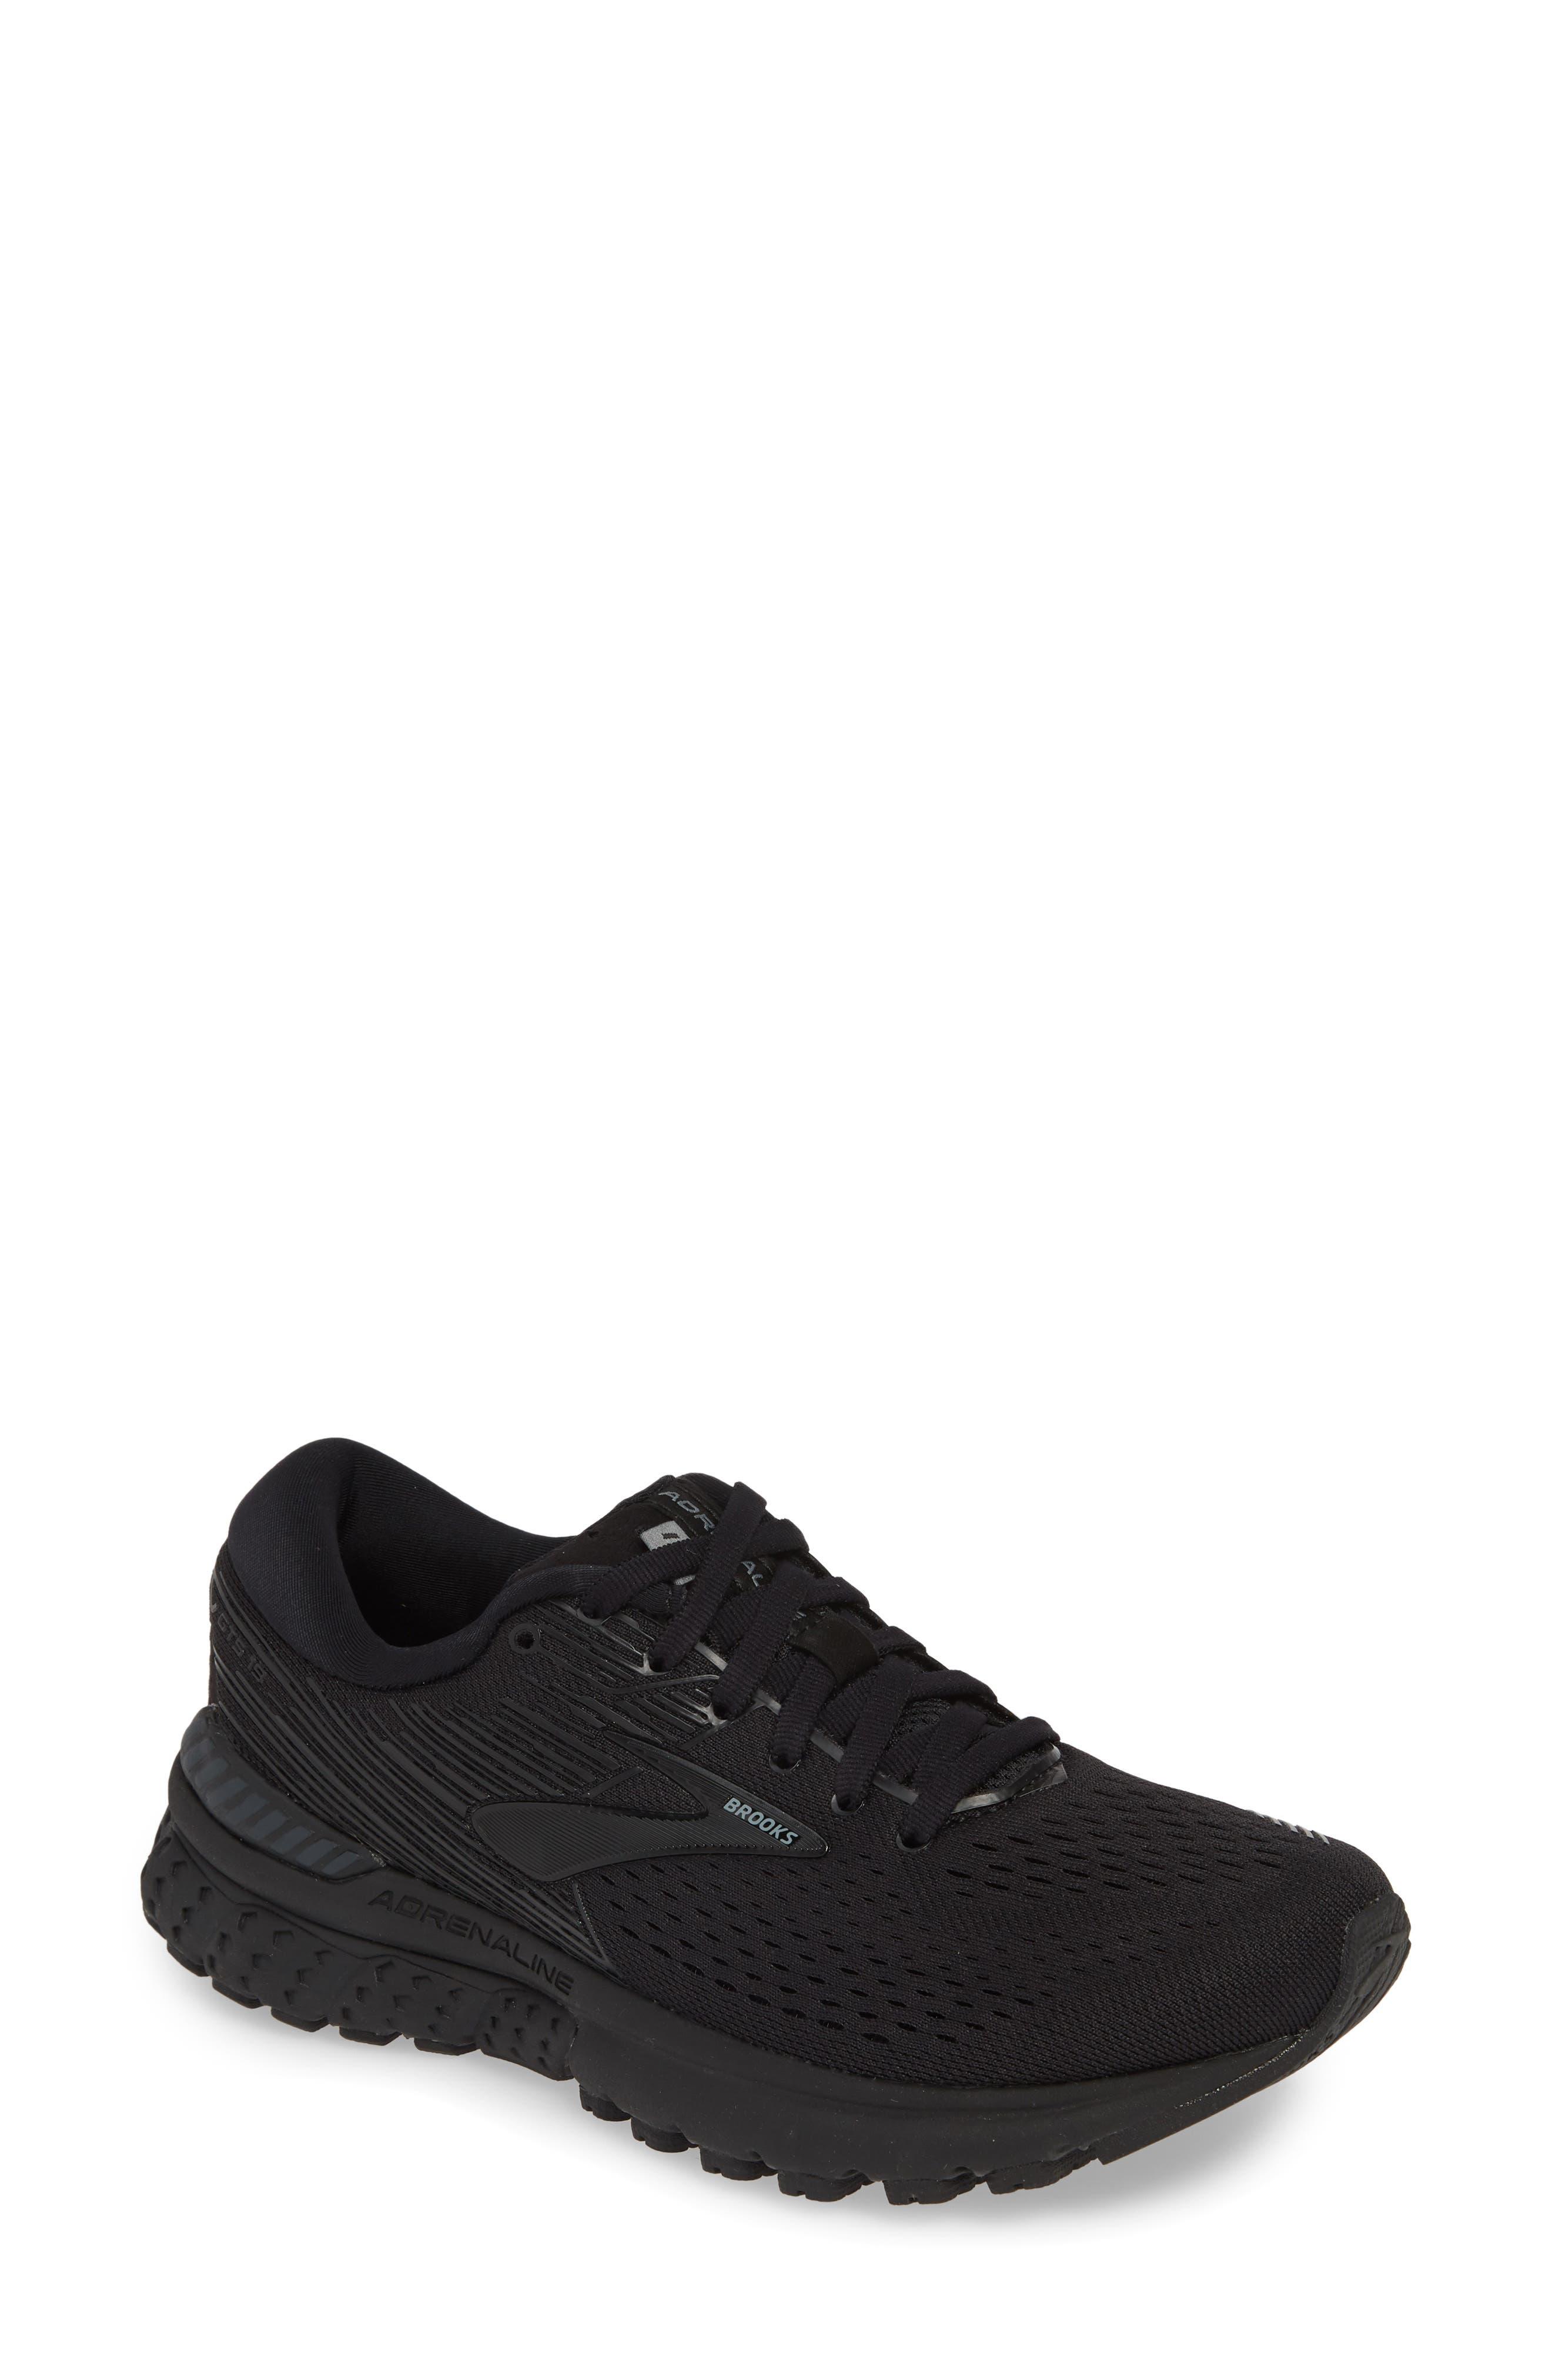 424f59d5e20 Brooks Adrenaline Gts 19 Running Shoe